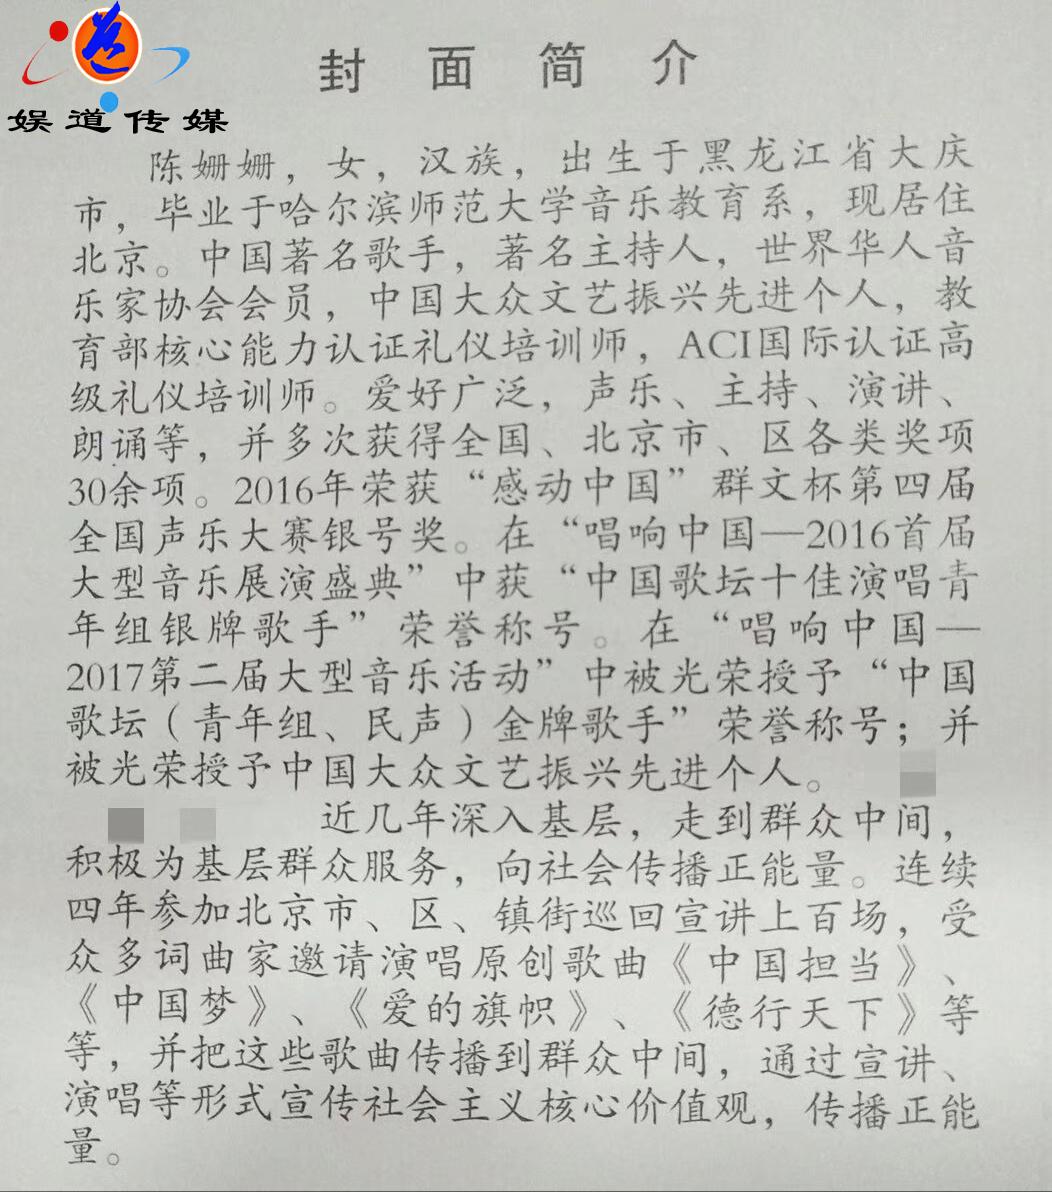 陈姗姗的个人资料陈姗姗图片